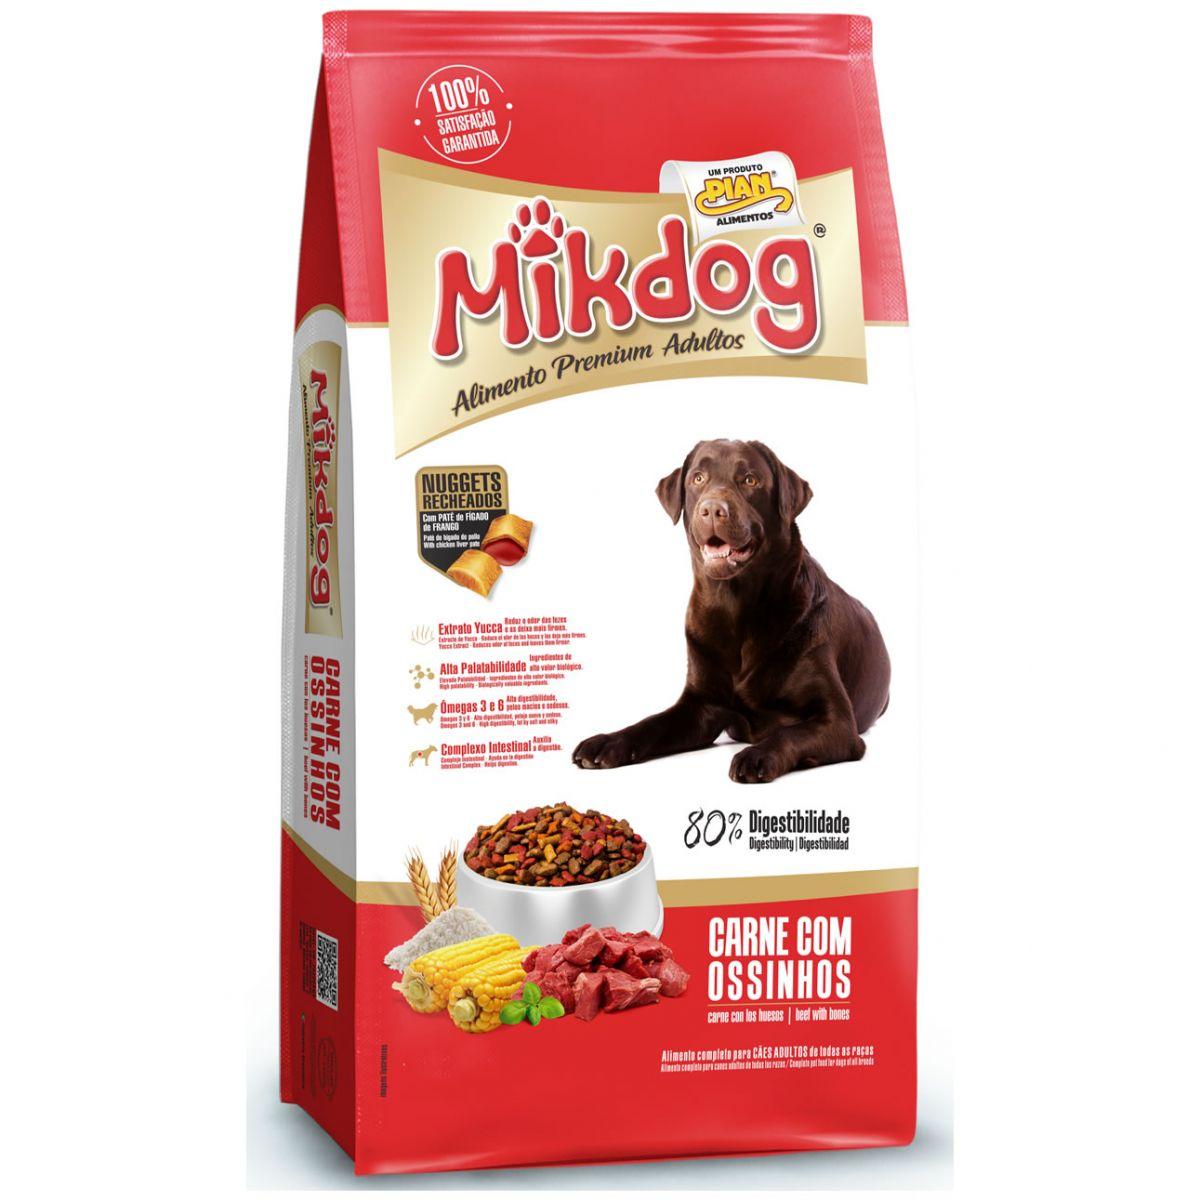 Mikdog Carne Ossinhos